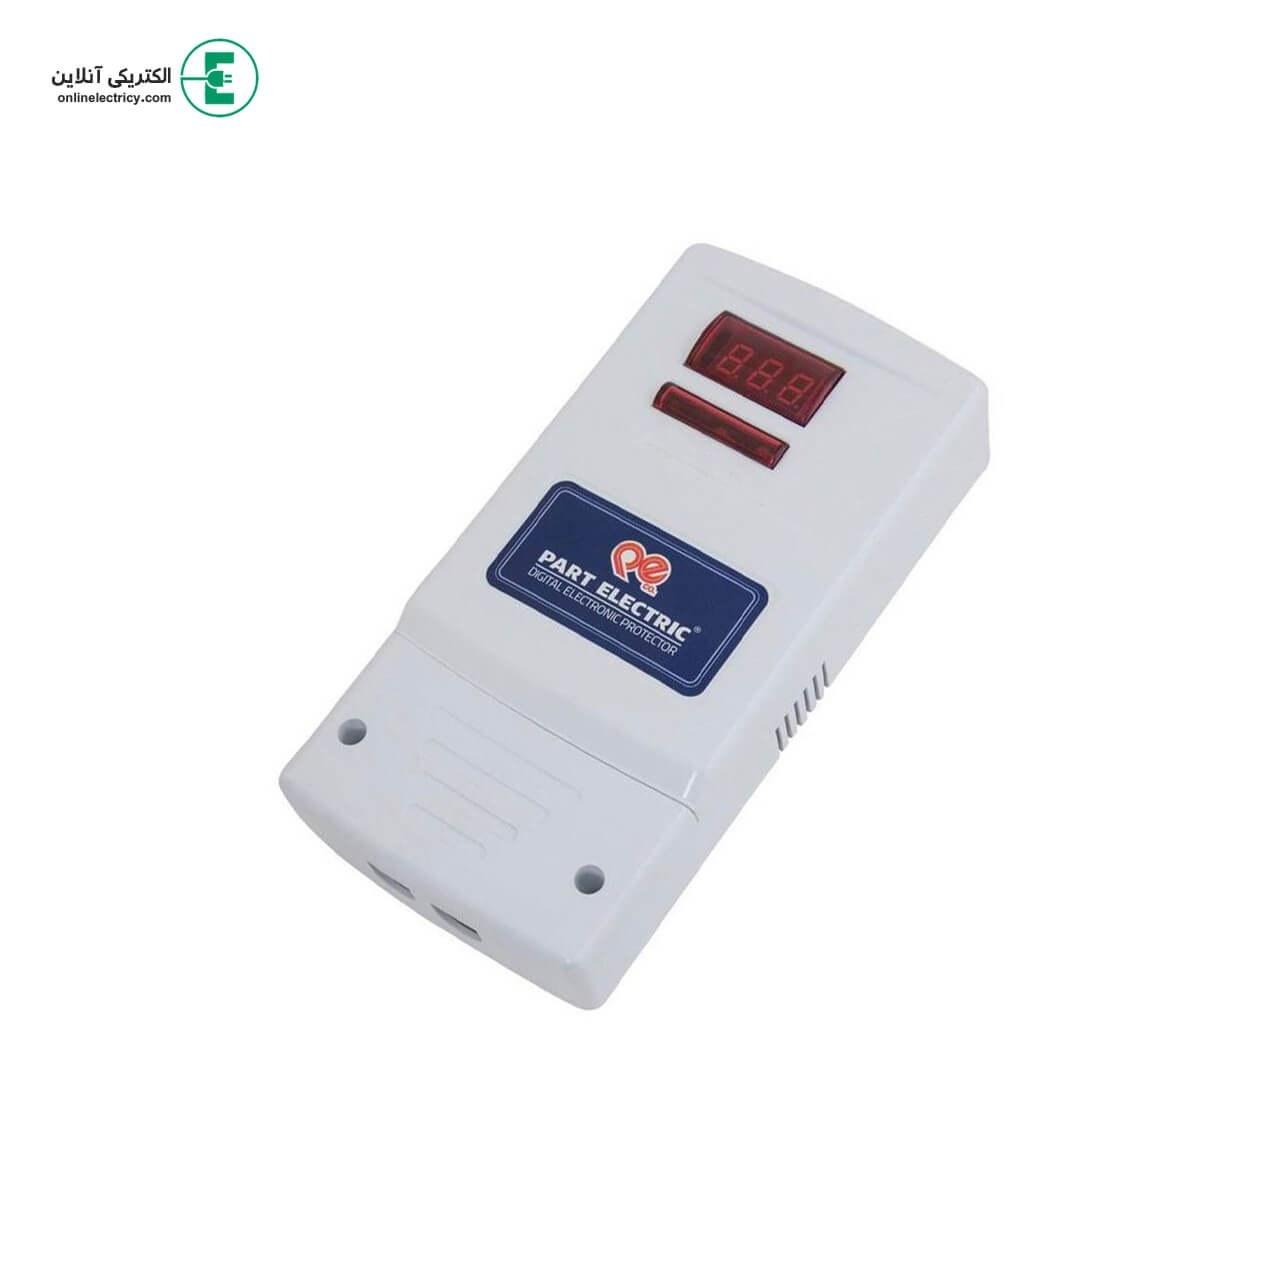 تصویر محافظ نوسان برق پارت الکتریک مدل PE5137 ا Part Electric PE5137 Surge Protector Part Electric PE5137 Surge Protector